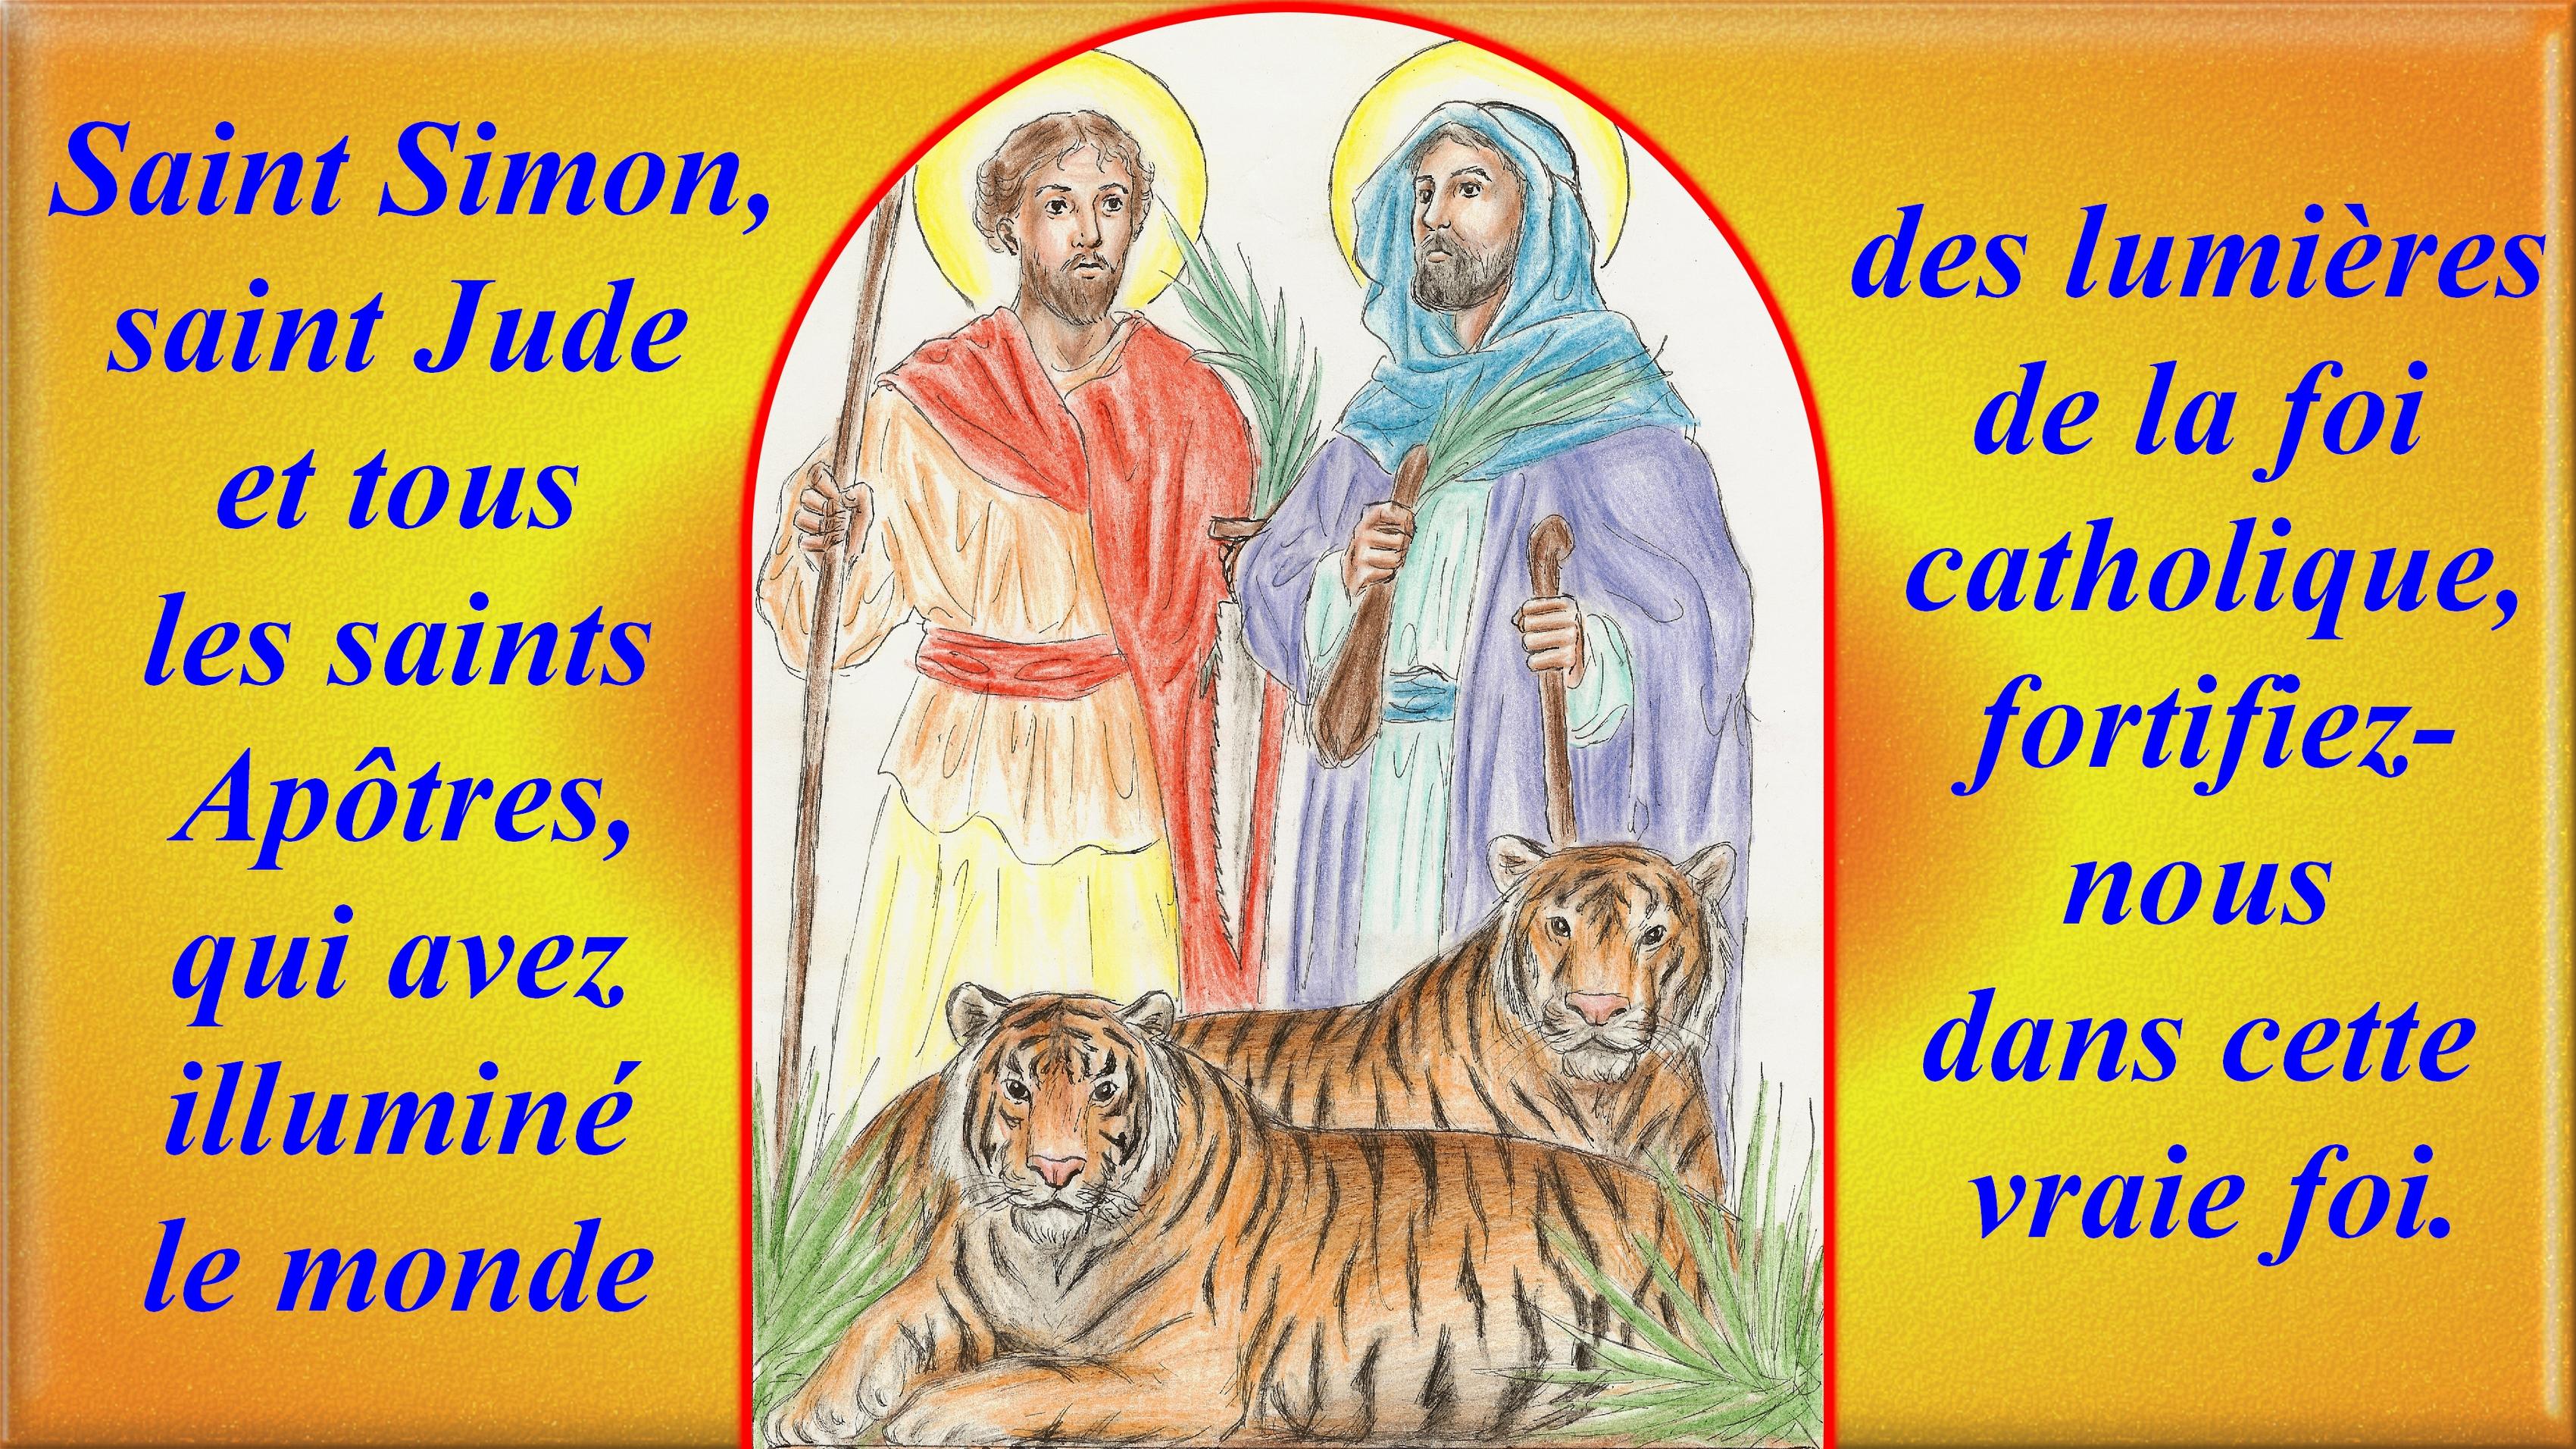 CALENDRIER CATHOLIQUE 2019 (Cantiques, Prières & Images) - Page 13 St-simon-st-jude-56b5087